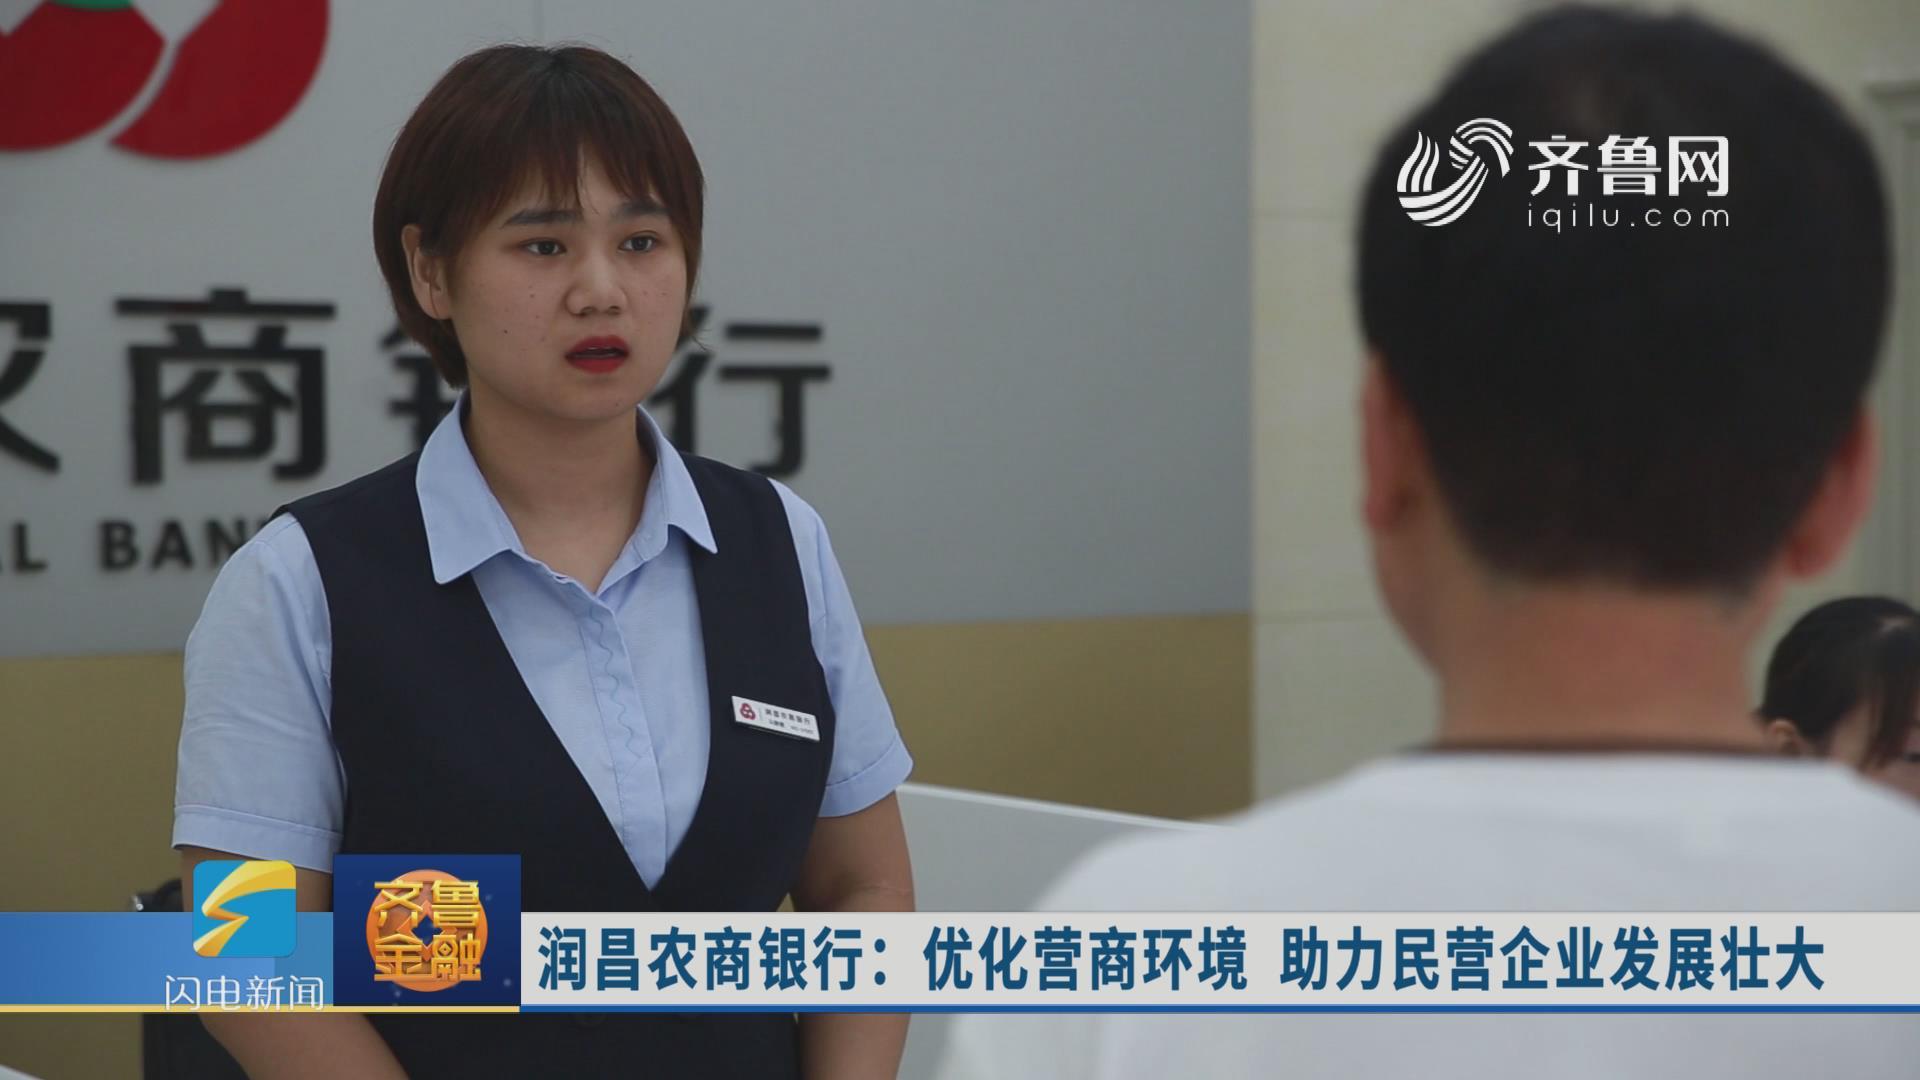 润昌农商银行:优化营商环境 助力民营企业发展壮大《齐鲁金融》20191106播出